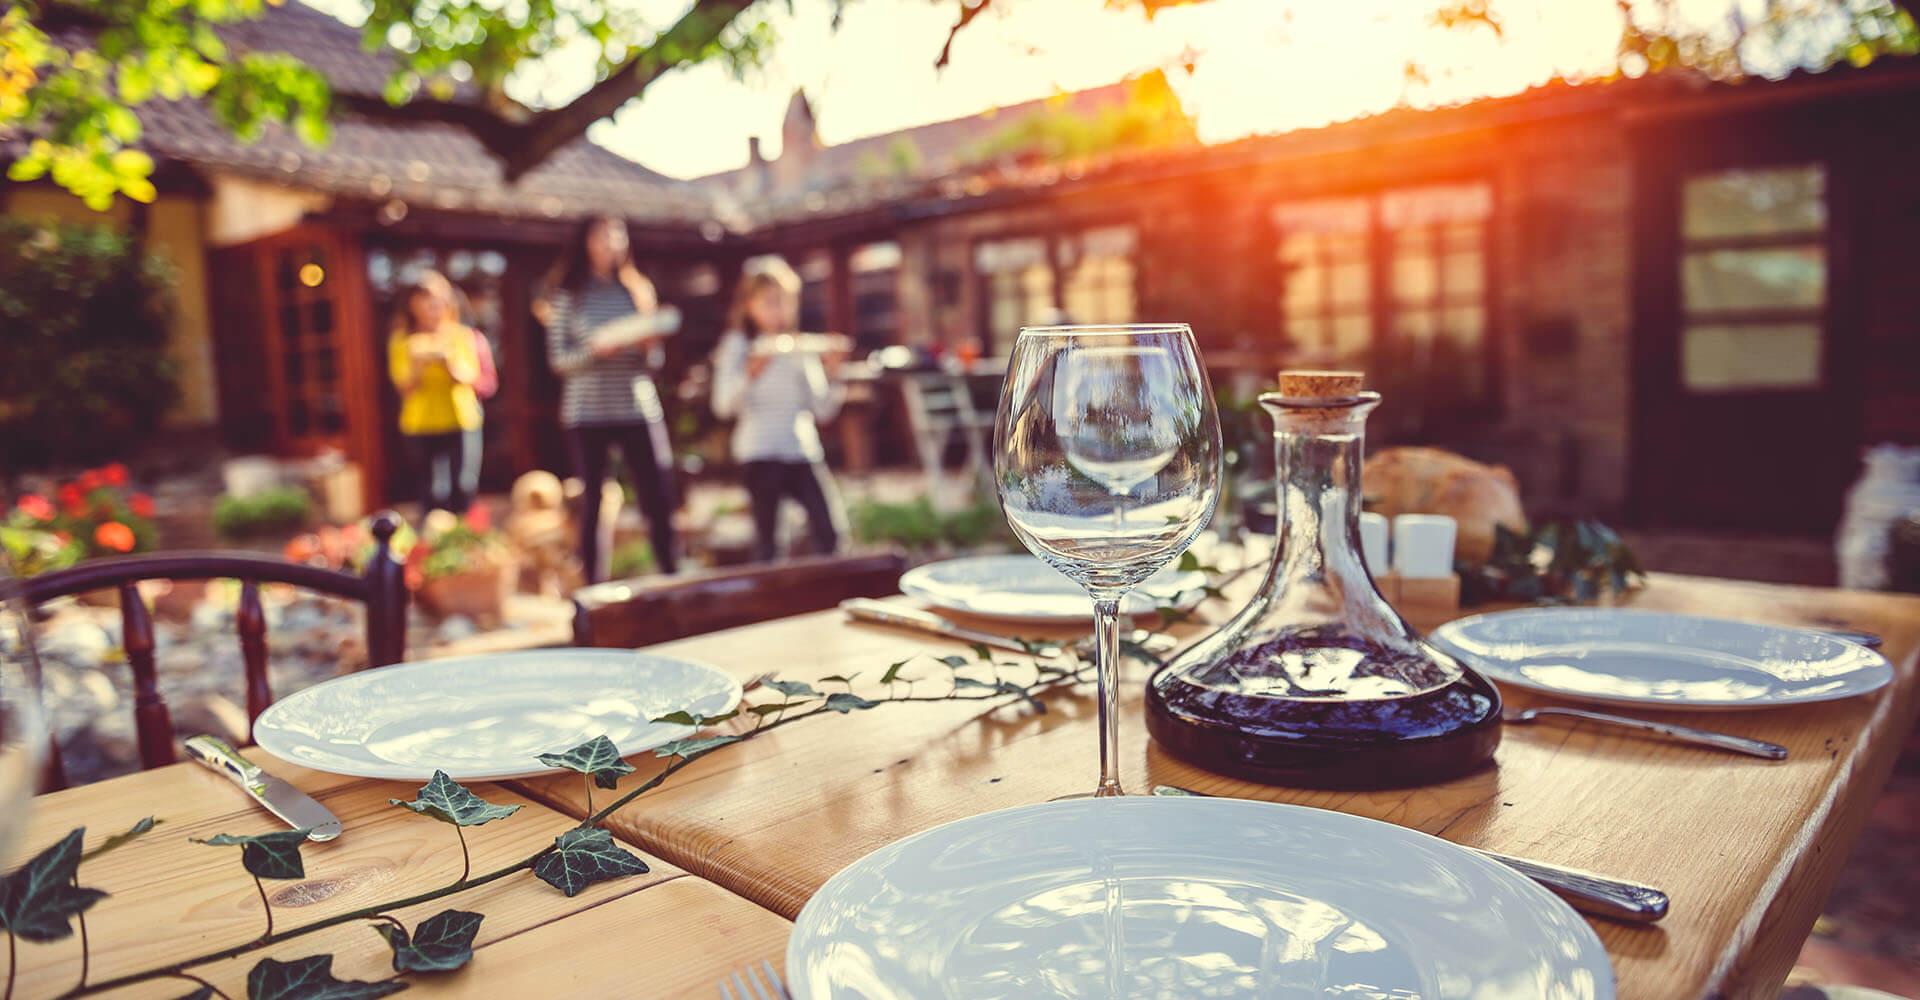 Familie deckt Tisch für Gartenparty